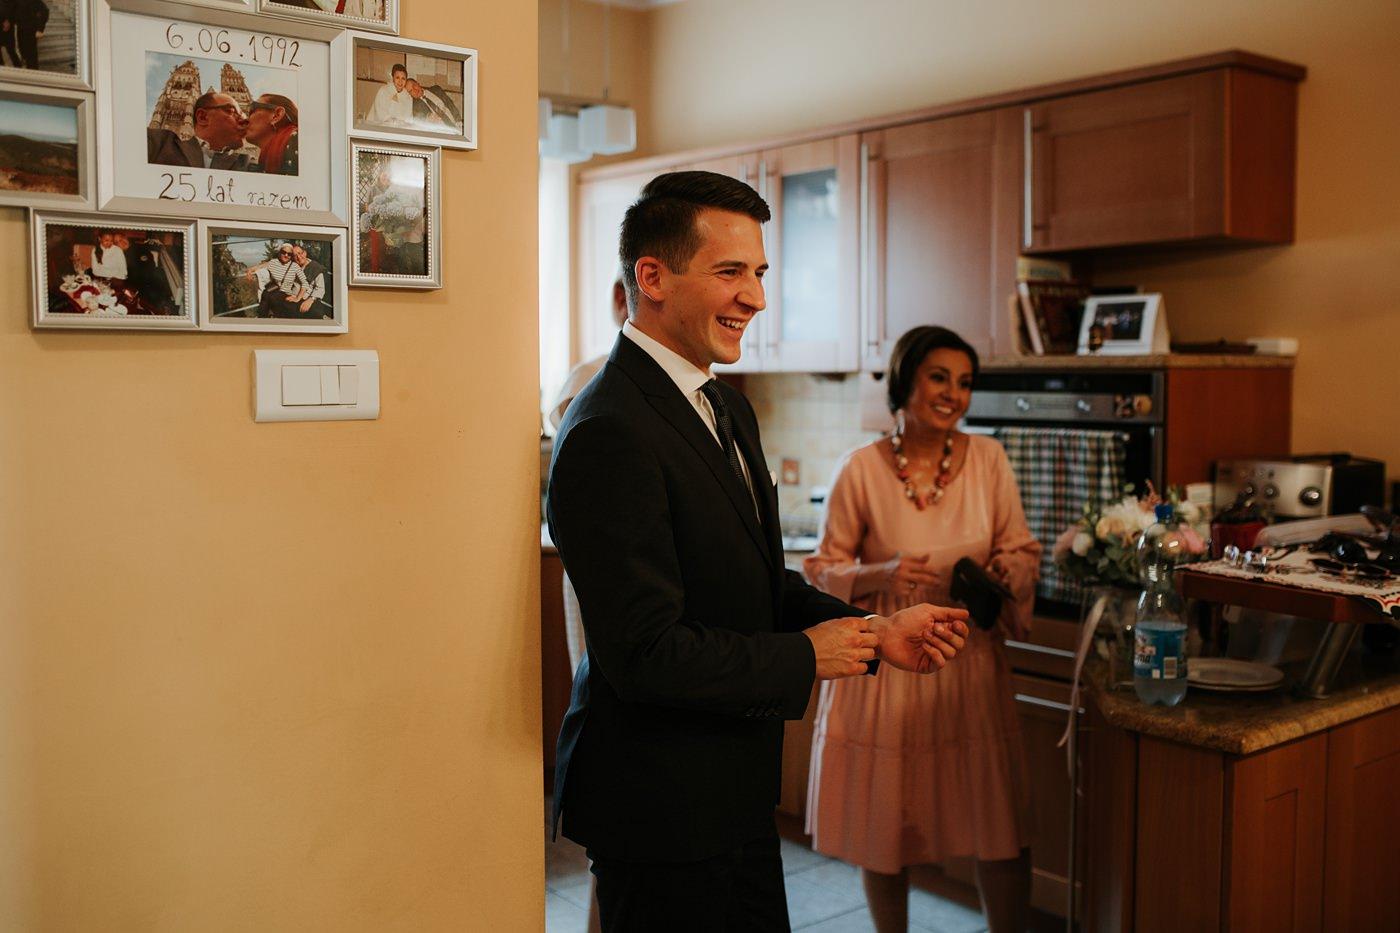 Dominika & Aleksander - Rustykalne wesele w stodole - Baborówko 16